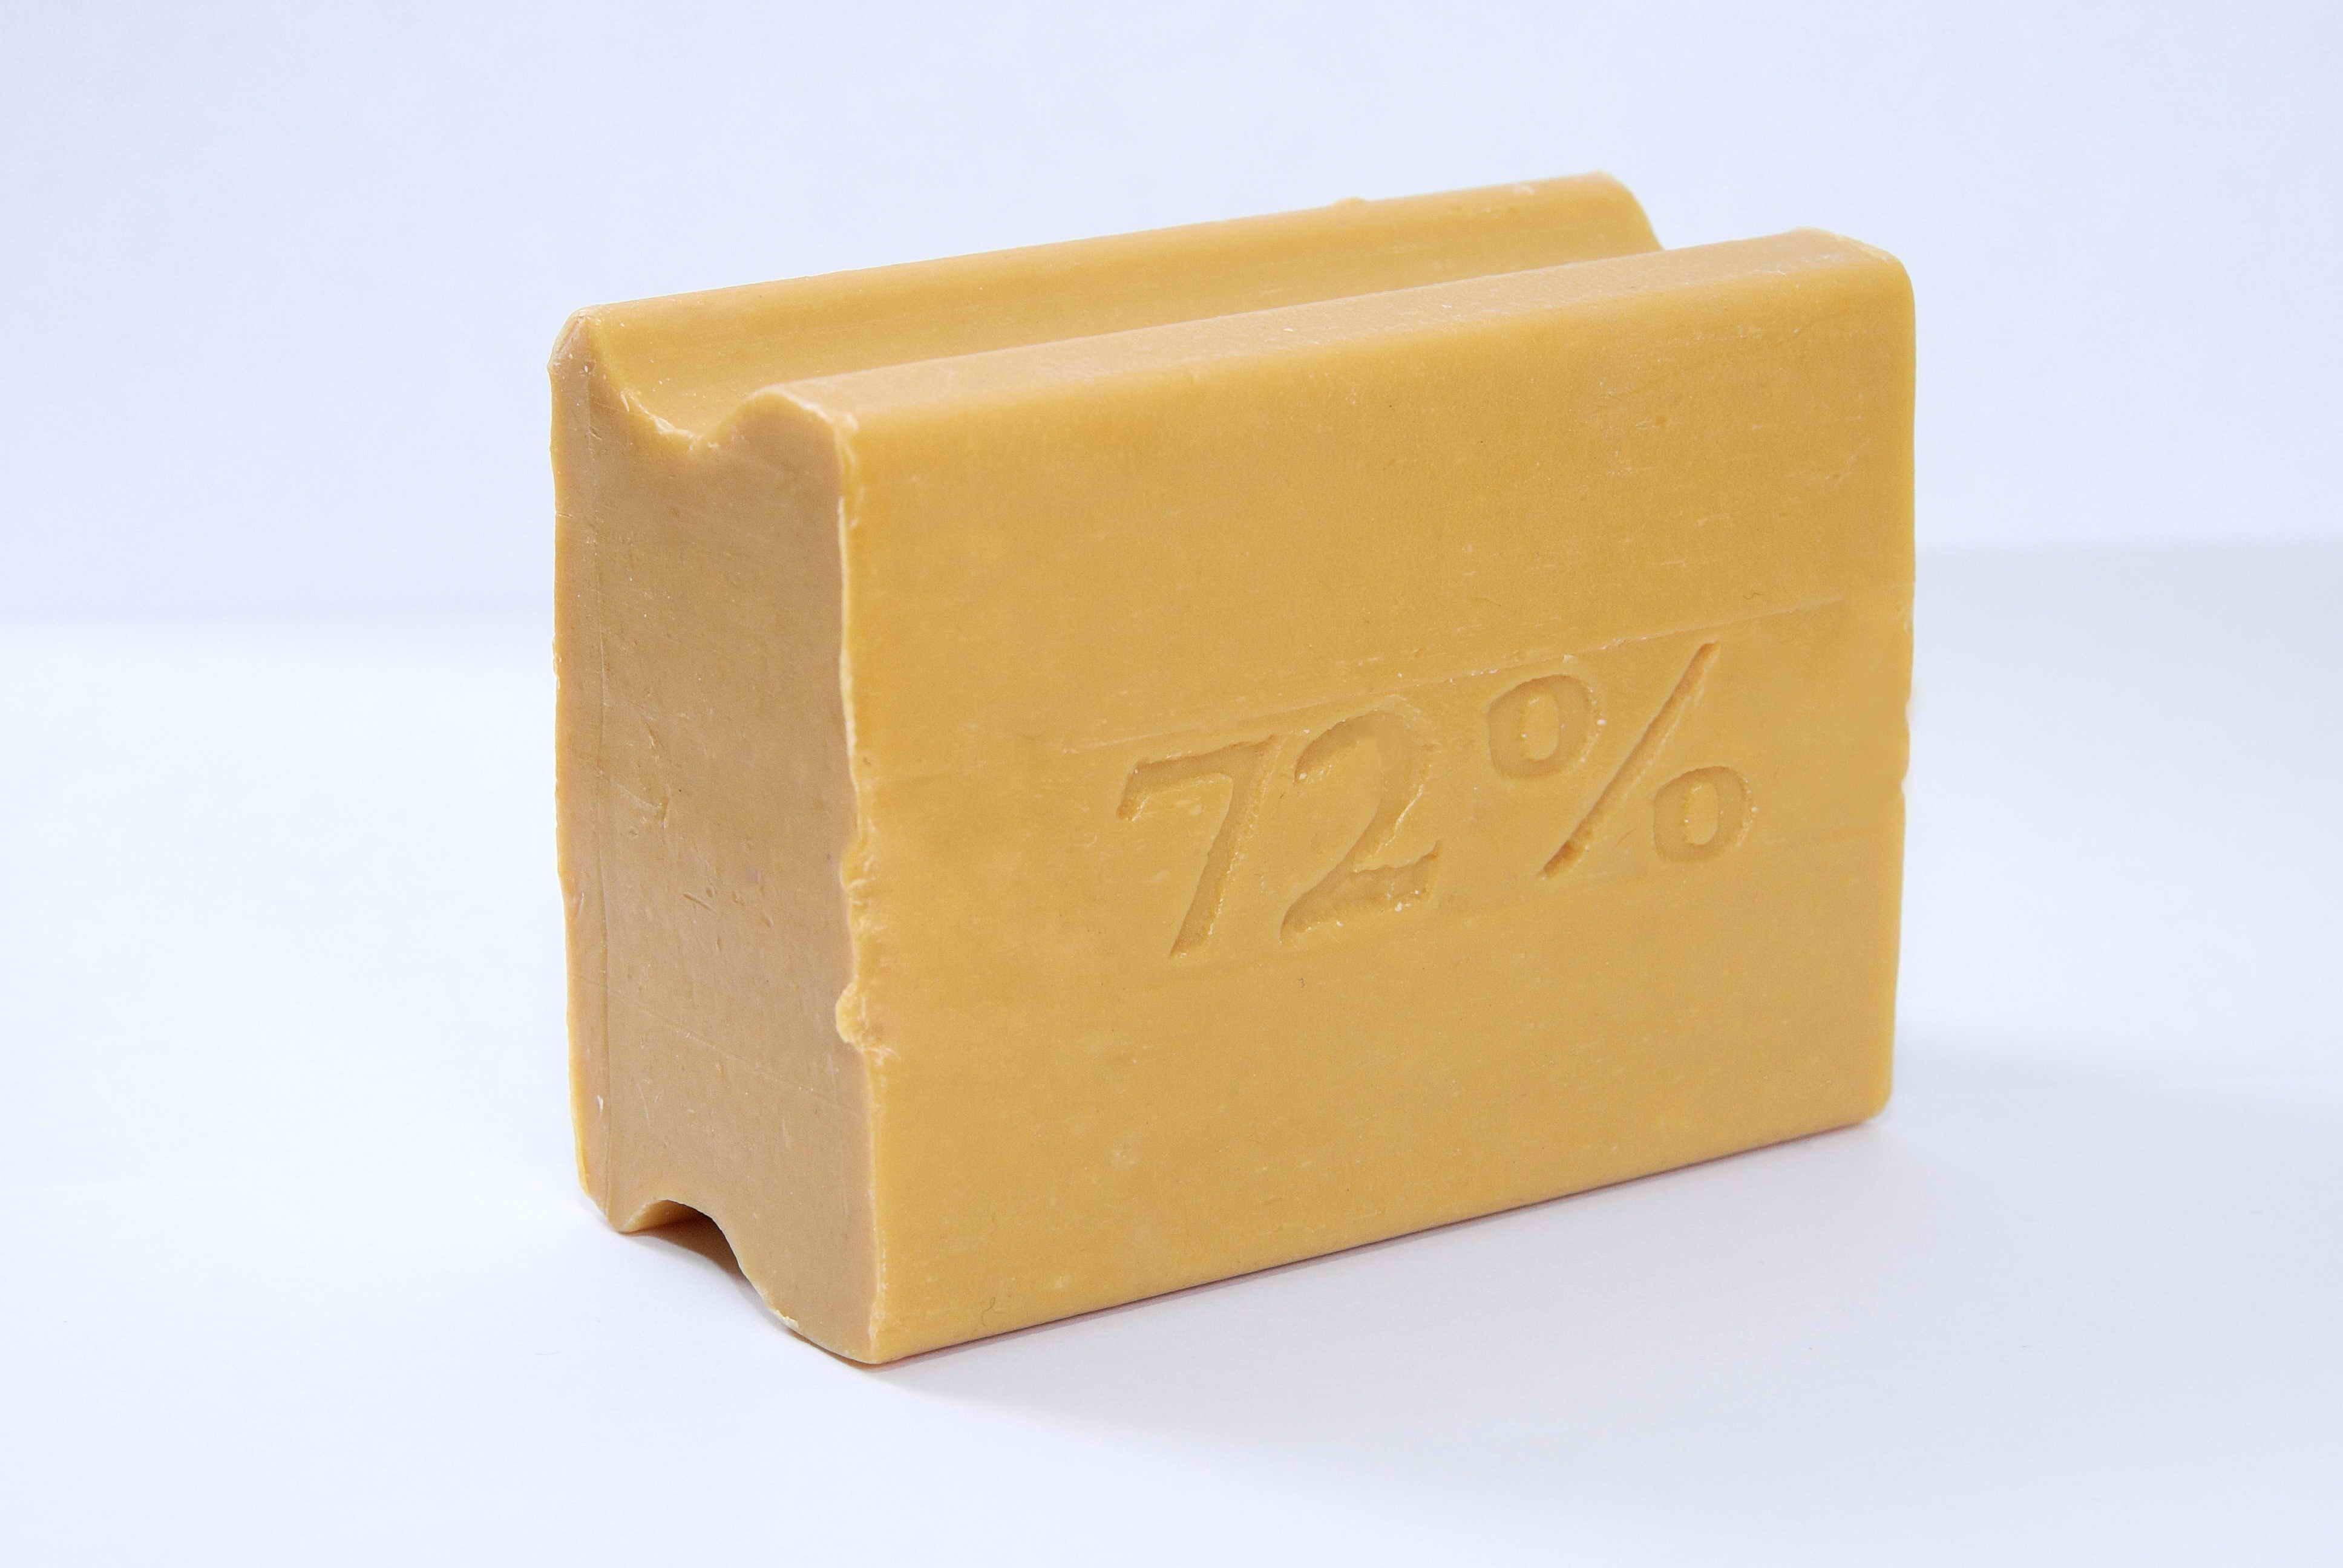 Хозяйственное мыло является хорошим растворителем для мочевой кислоты